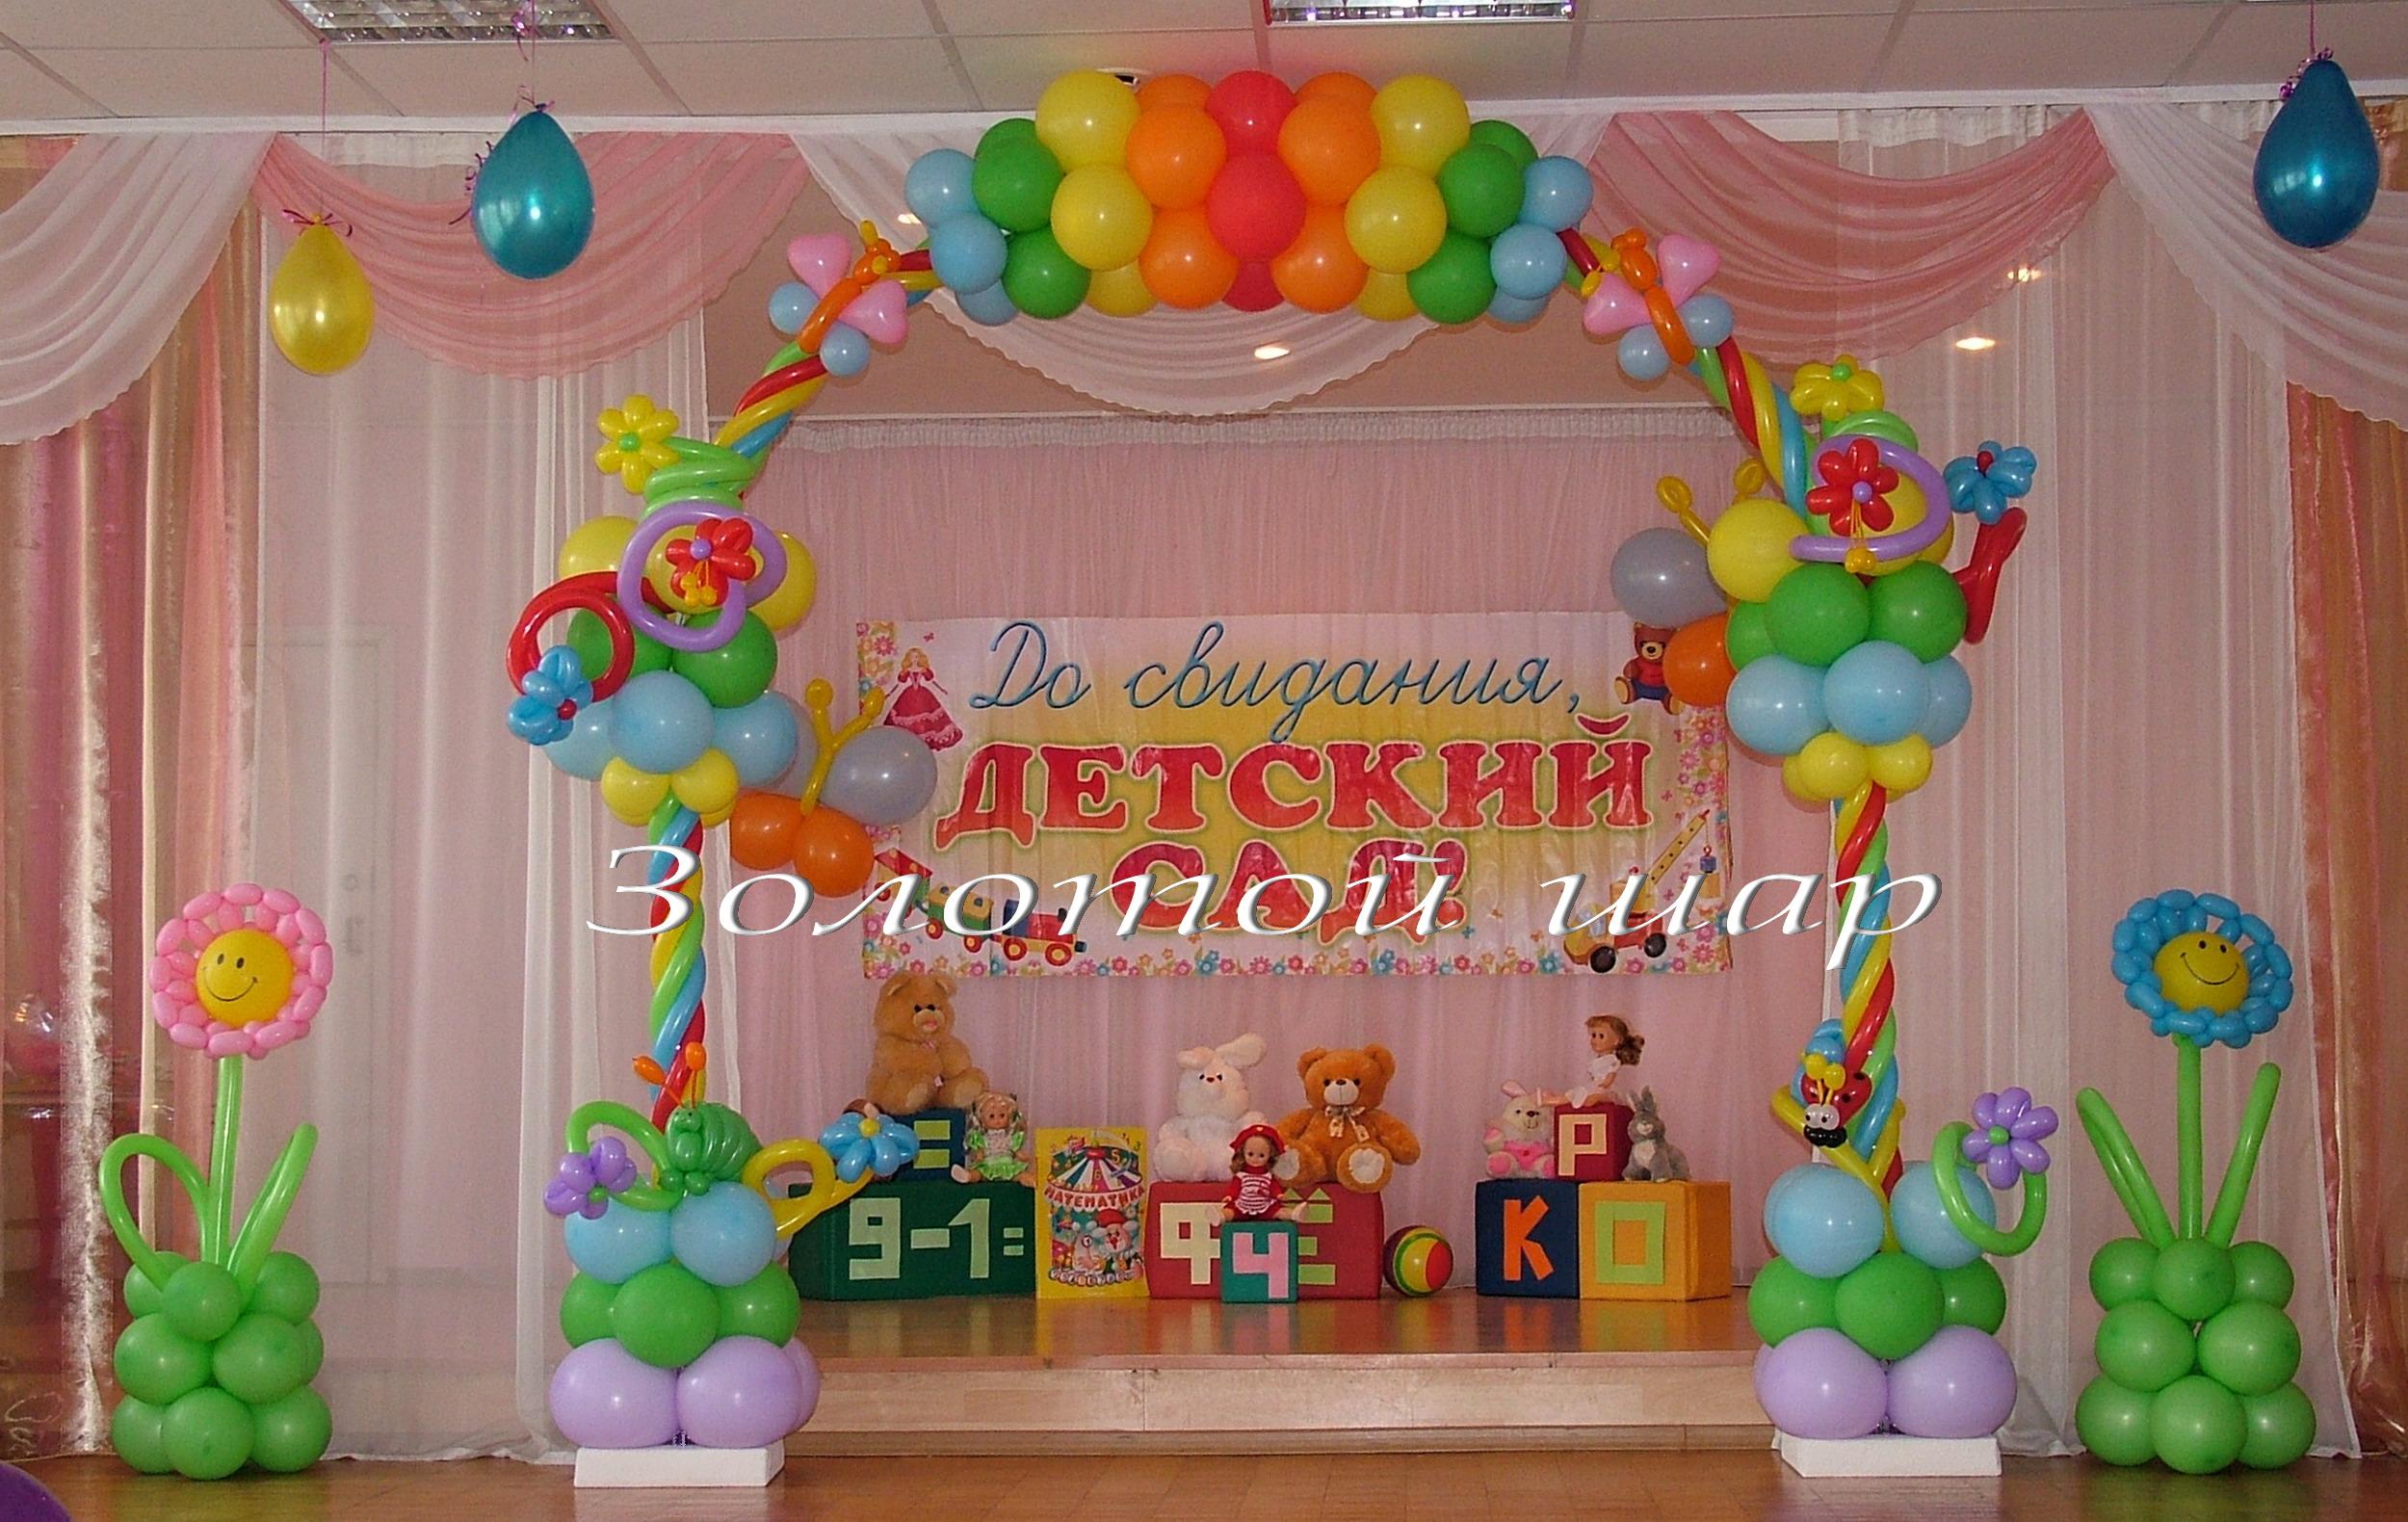 Оформление зала выпускной в детском саду своими руками 239